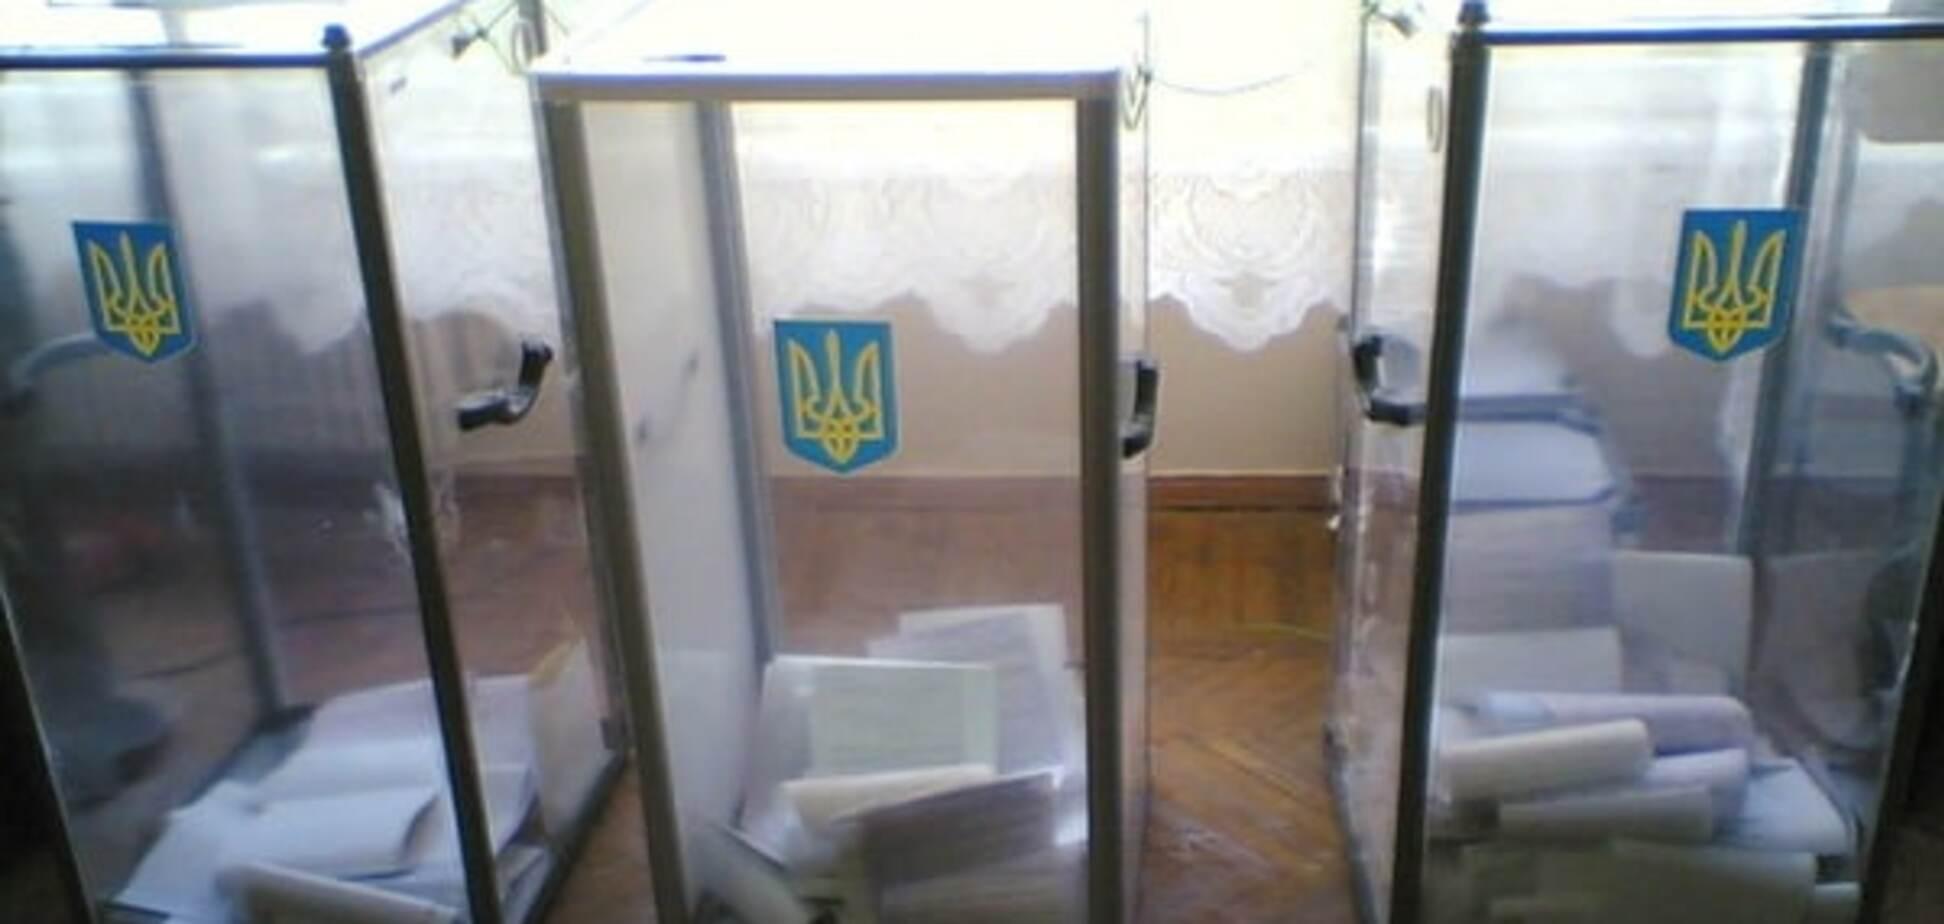 Експерт про скасування виборів у райради Києва: остаточне рішення не ухвалили